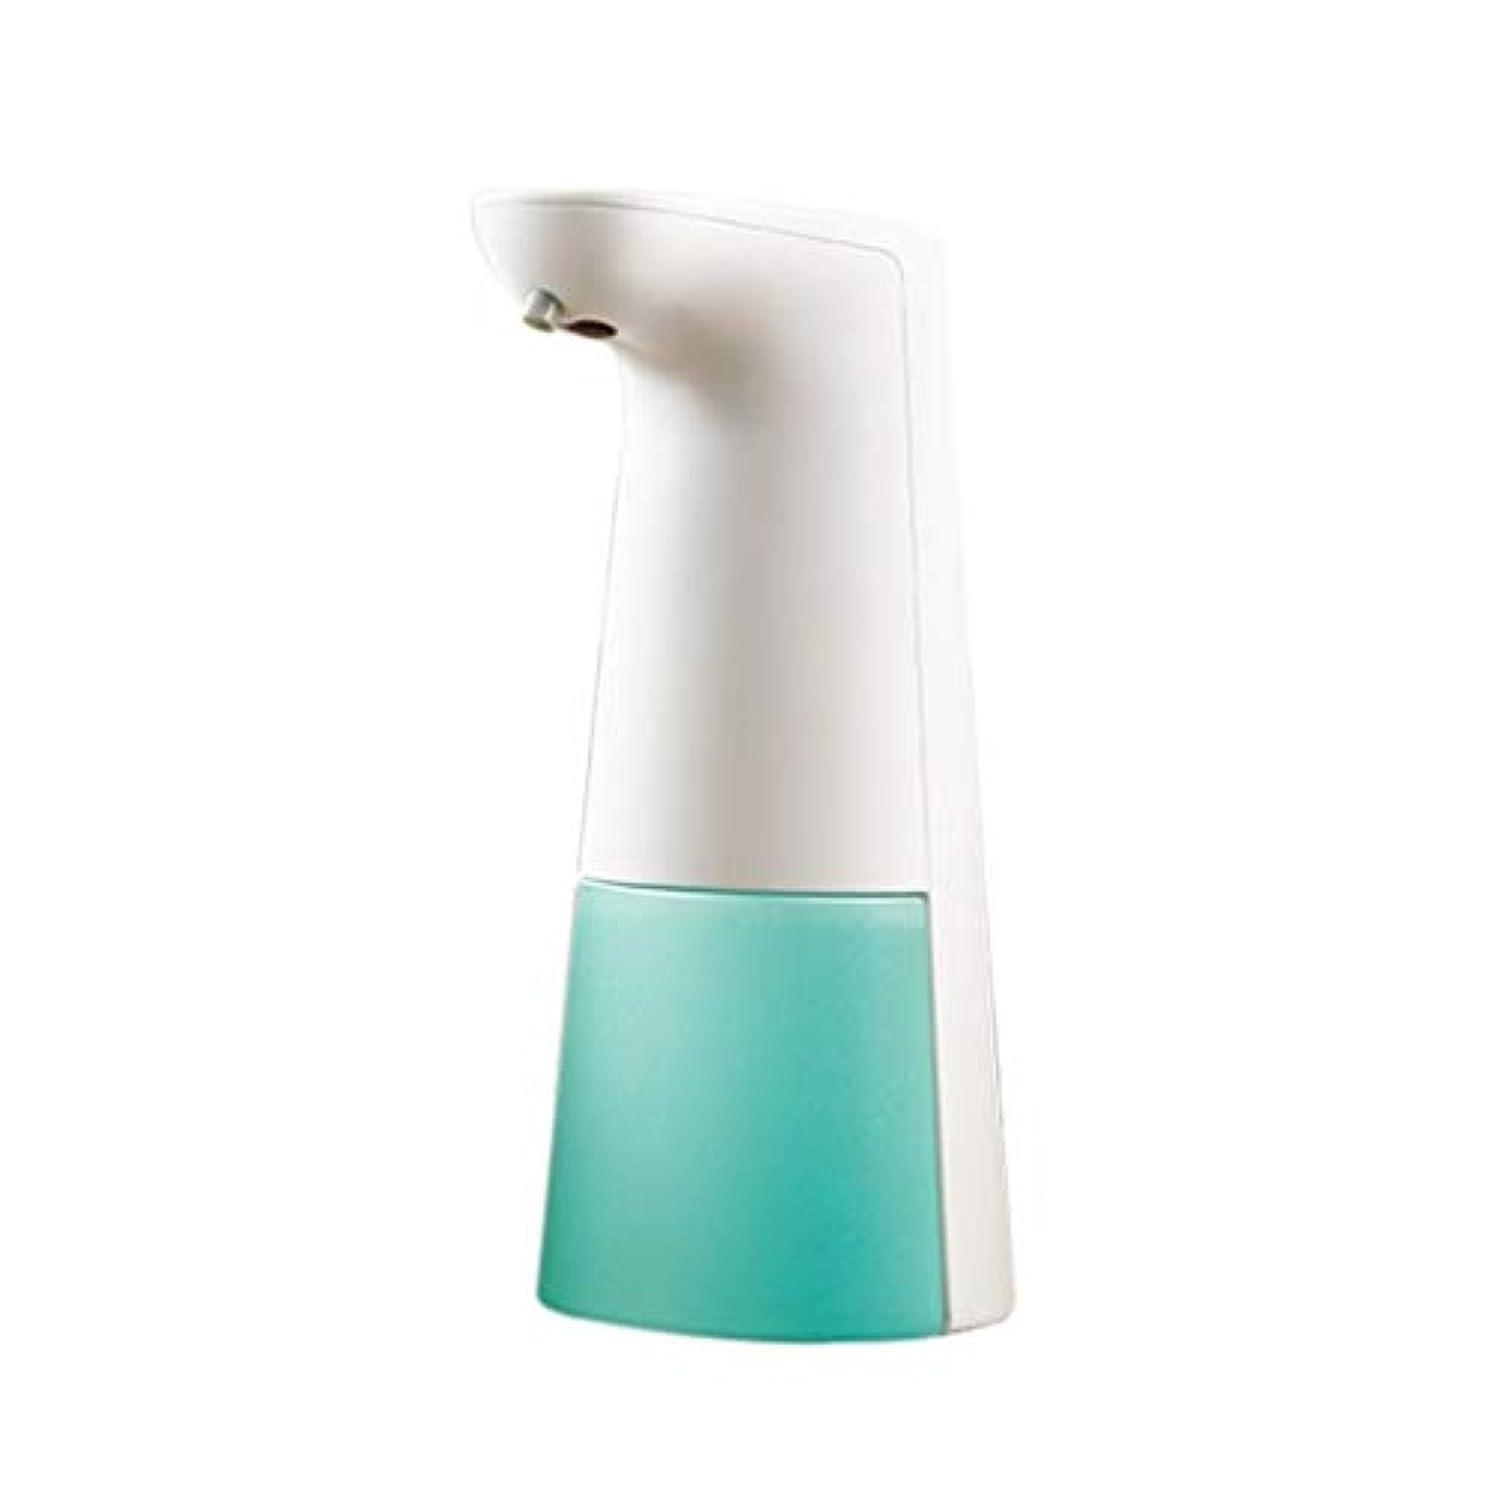 ありふれた波紋考案する泡の台所浴室の流しの液体石鹸の瓶250mlのプラスチック石鹸箱のローション(色:白、サイズ:20.4 * 11.6 * 8.9cm) (Color : White, Size : 20.4*11.6*8.9cm)